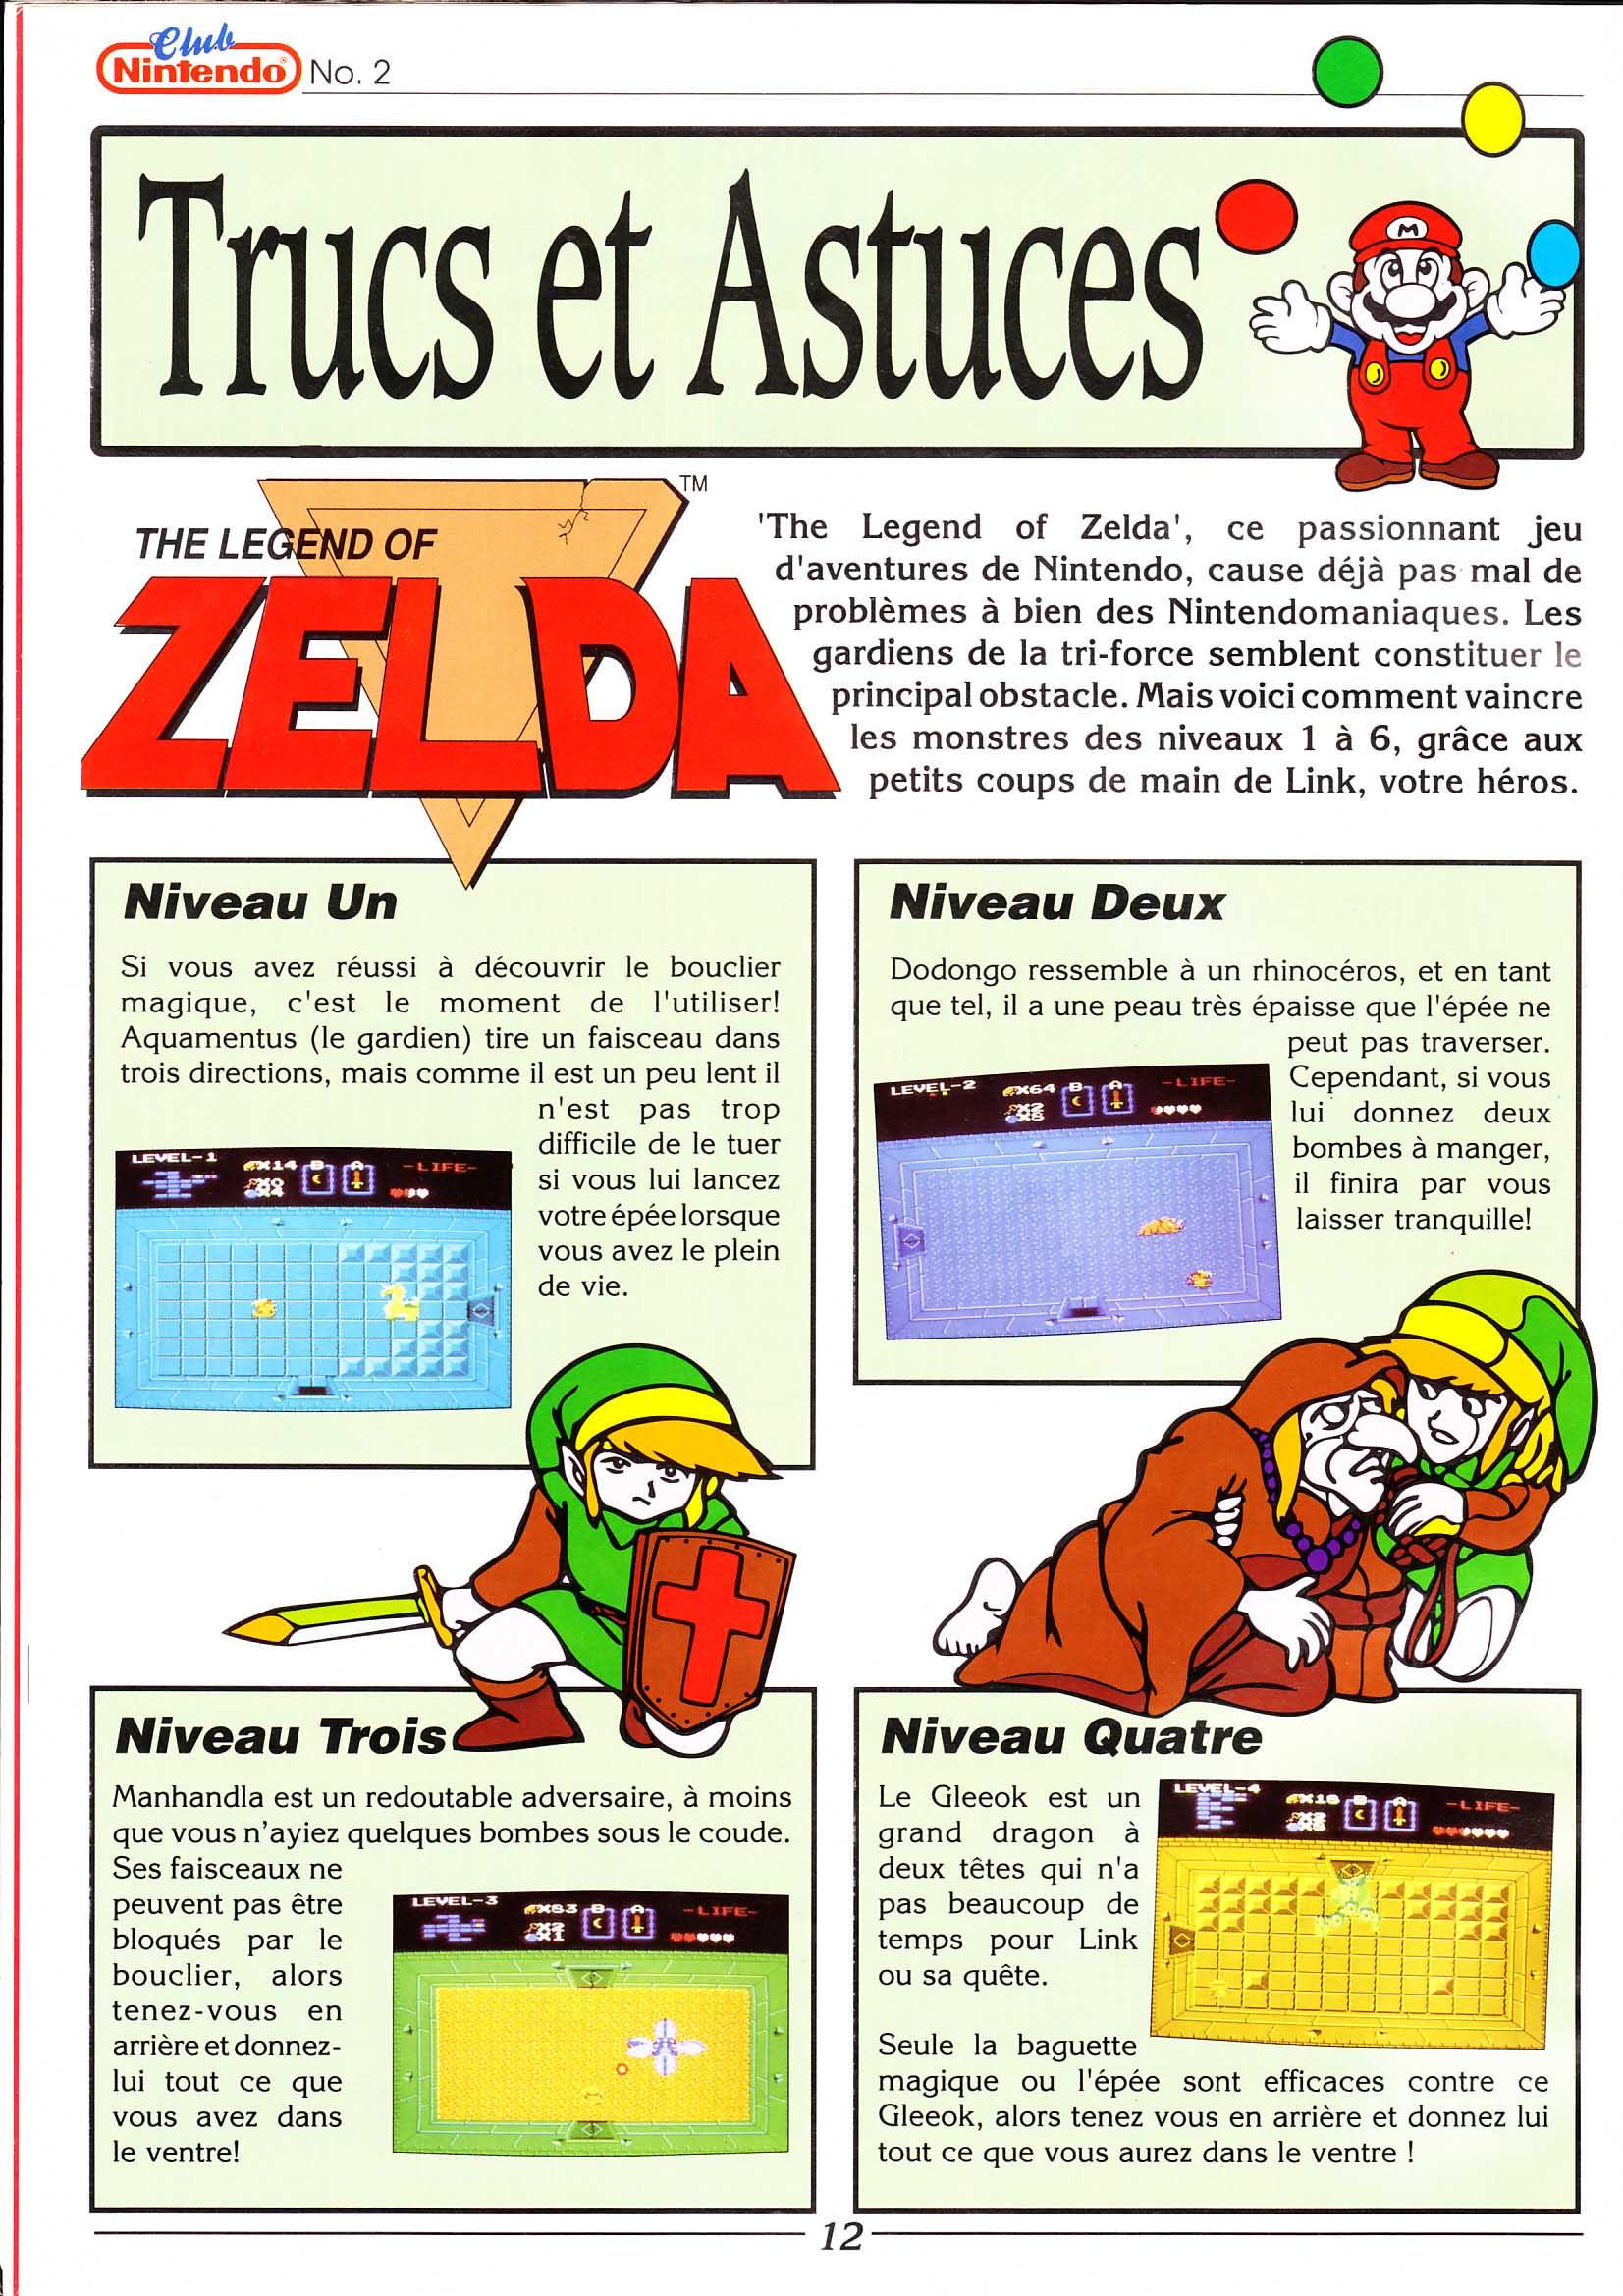 Quel a été votre première console ou ordi rétro et vos 1er jeux ? - Page 3 Club%20nintendo%20-%20Num2_ed1989_p_0012